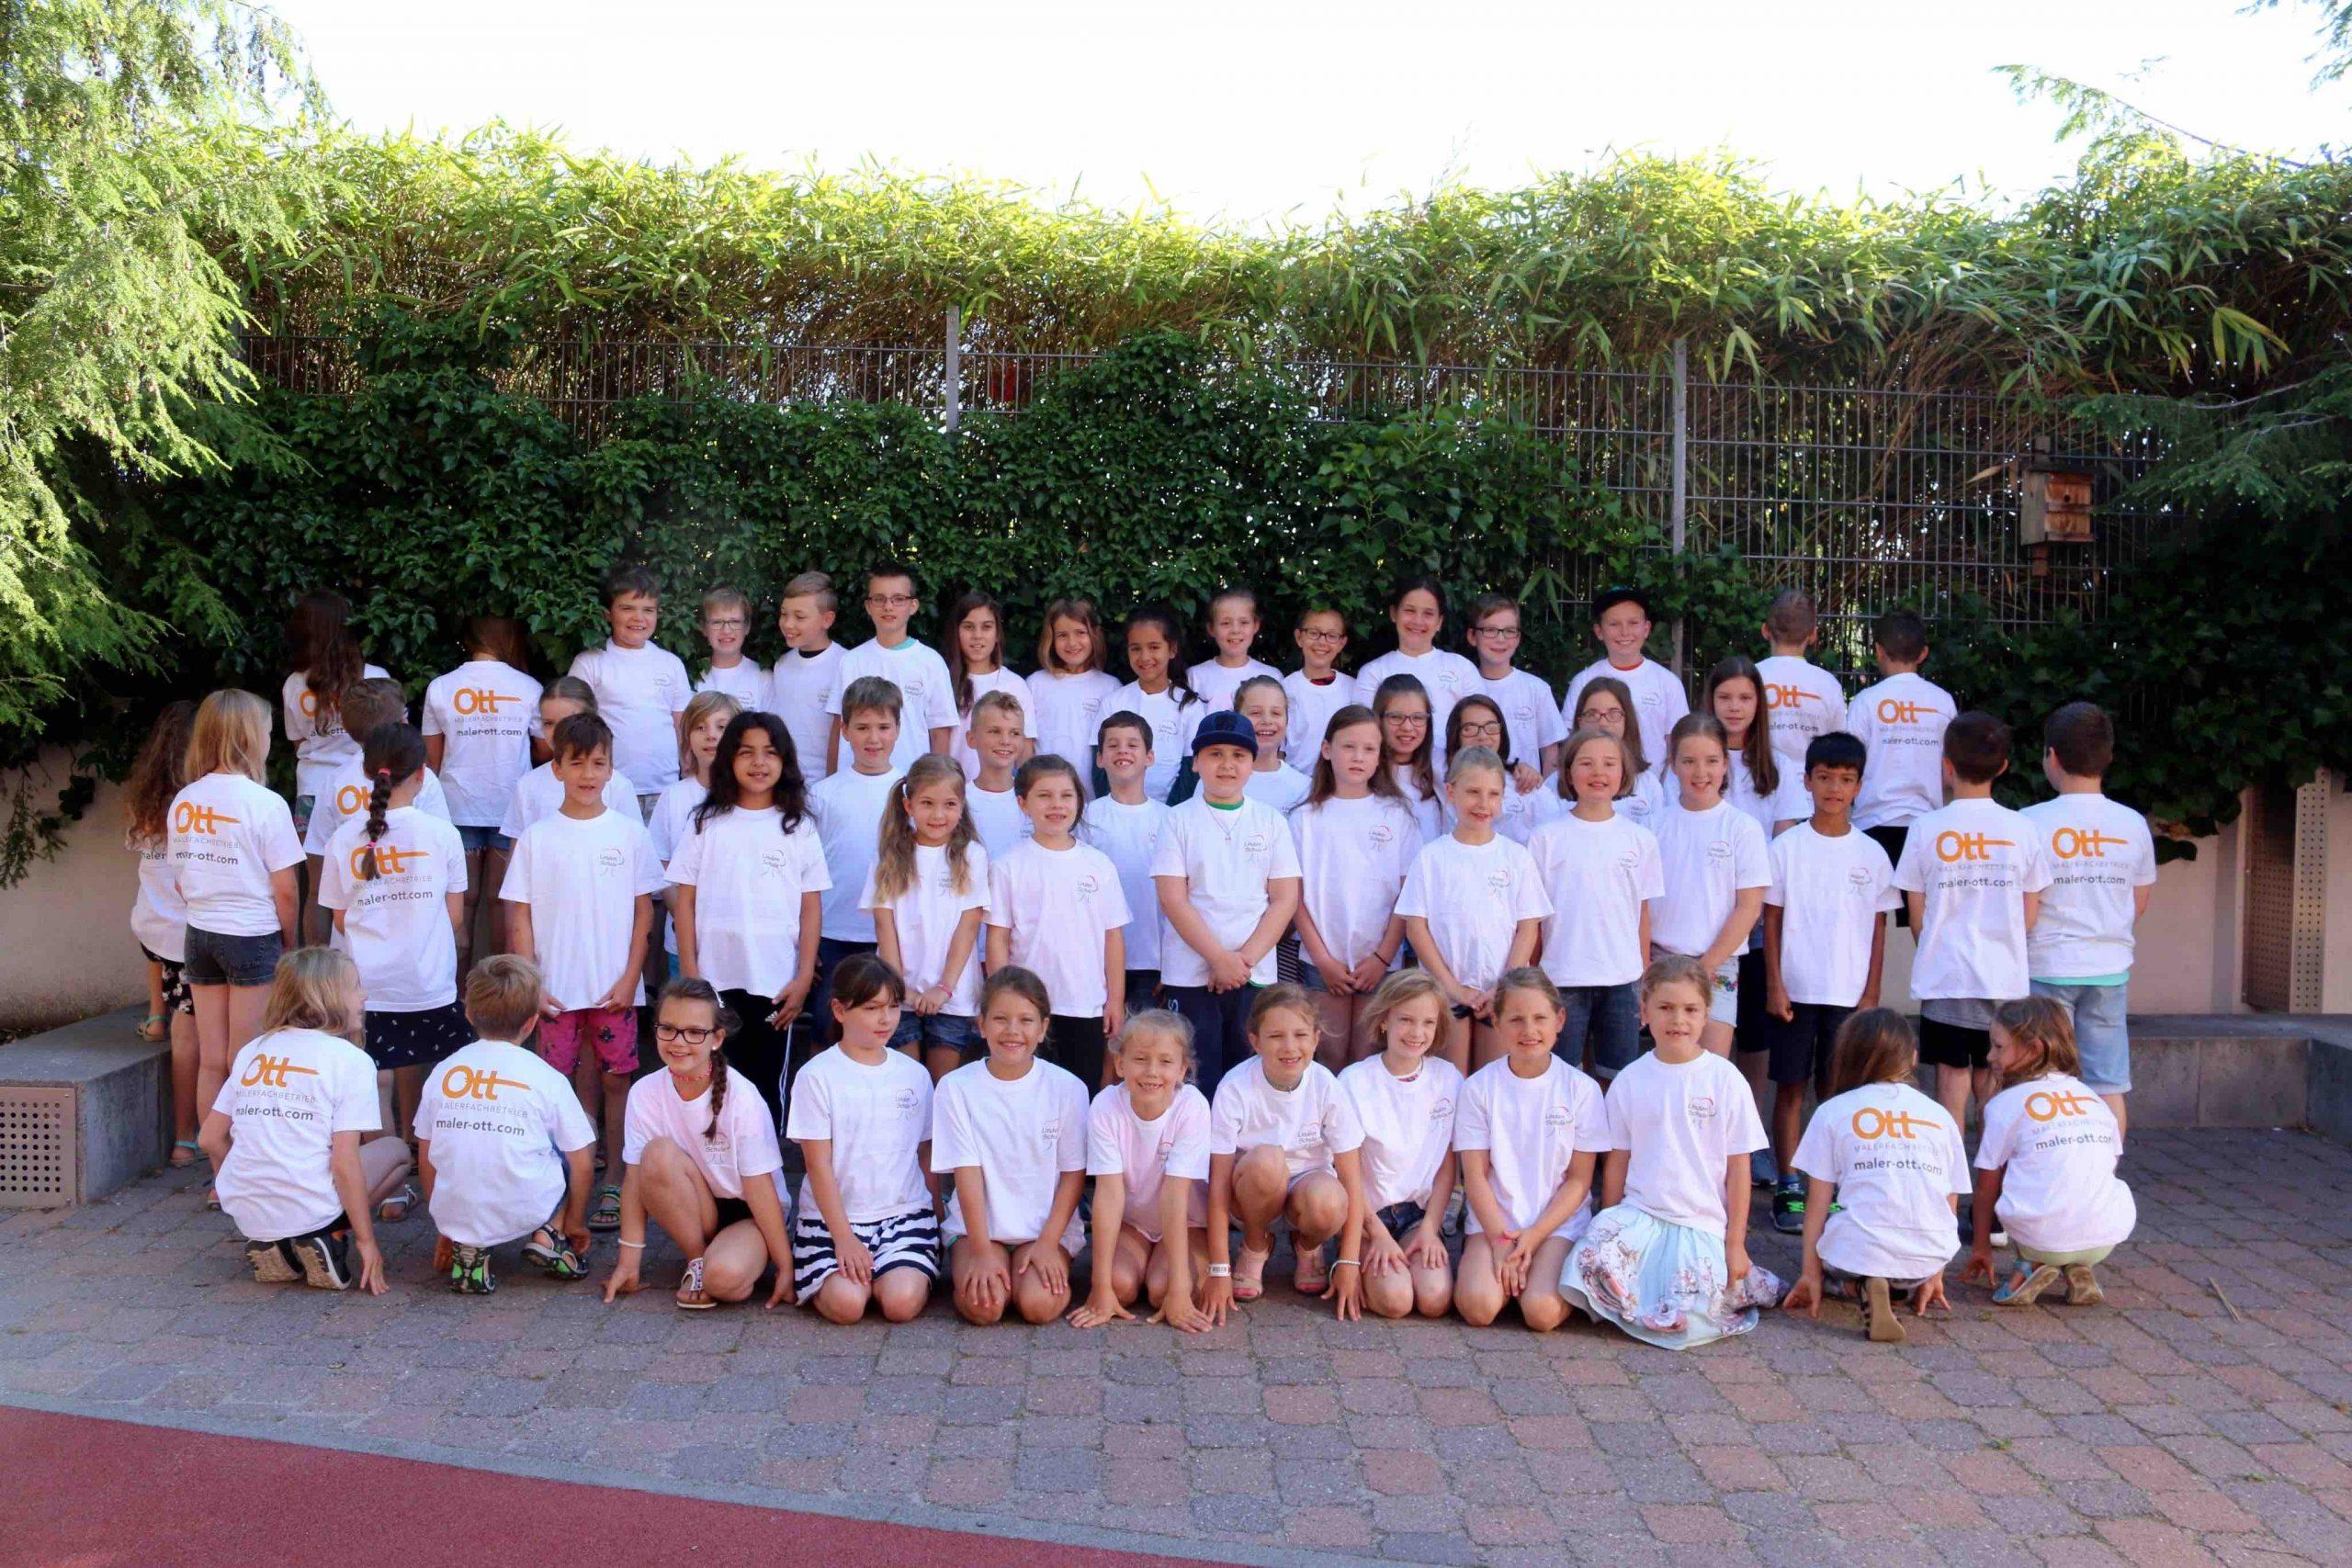 Maler Ott sponsort T-Shirts für Chorkids